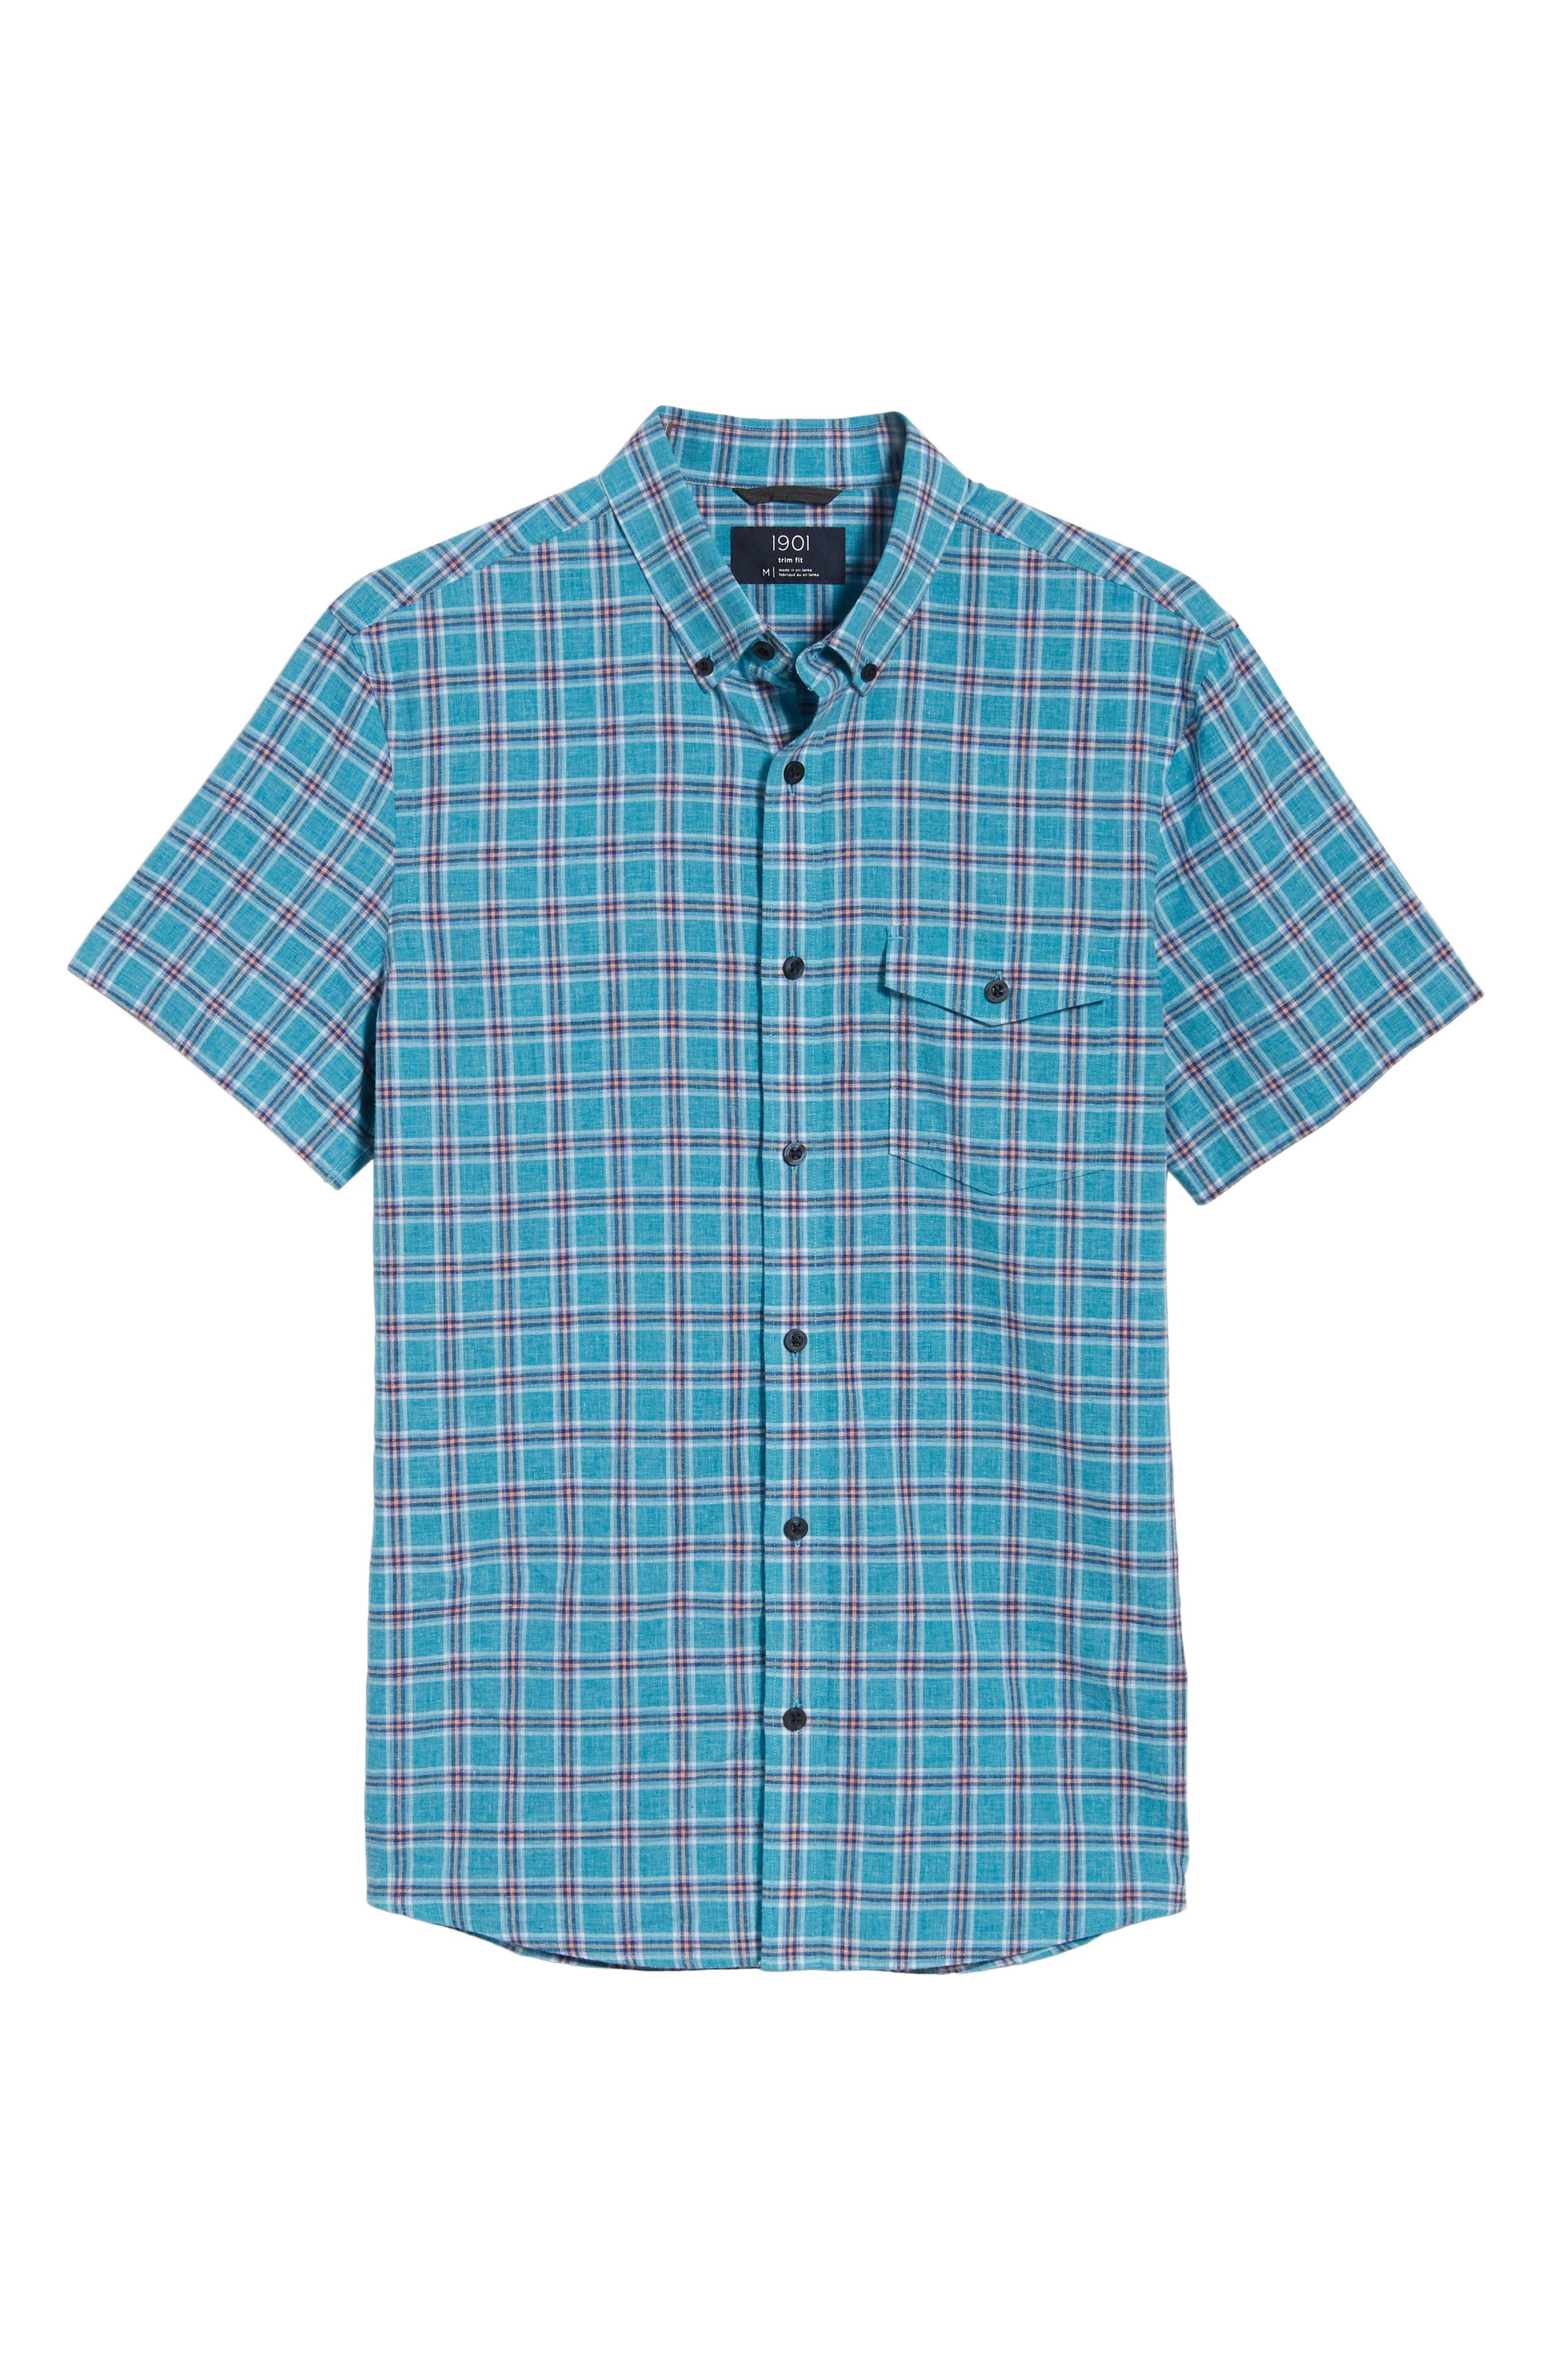 Ivy Trim Fit Plaid Cotton & Linen Sport Shirt,                             Alternate thumbnail 6, color,                             Teal Mosaic Linen Check